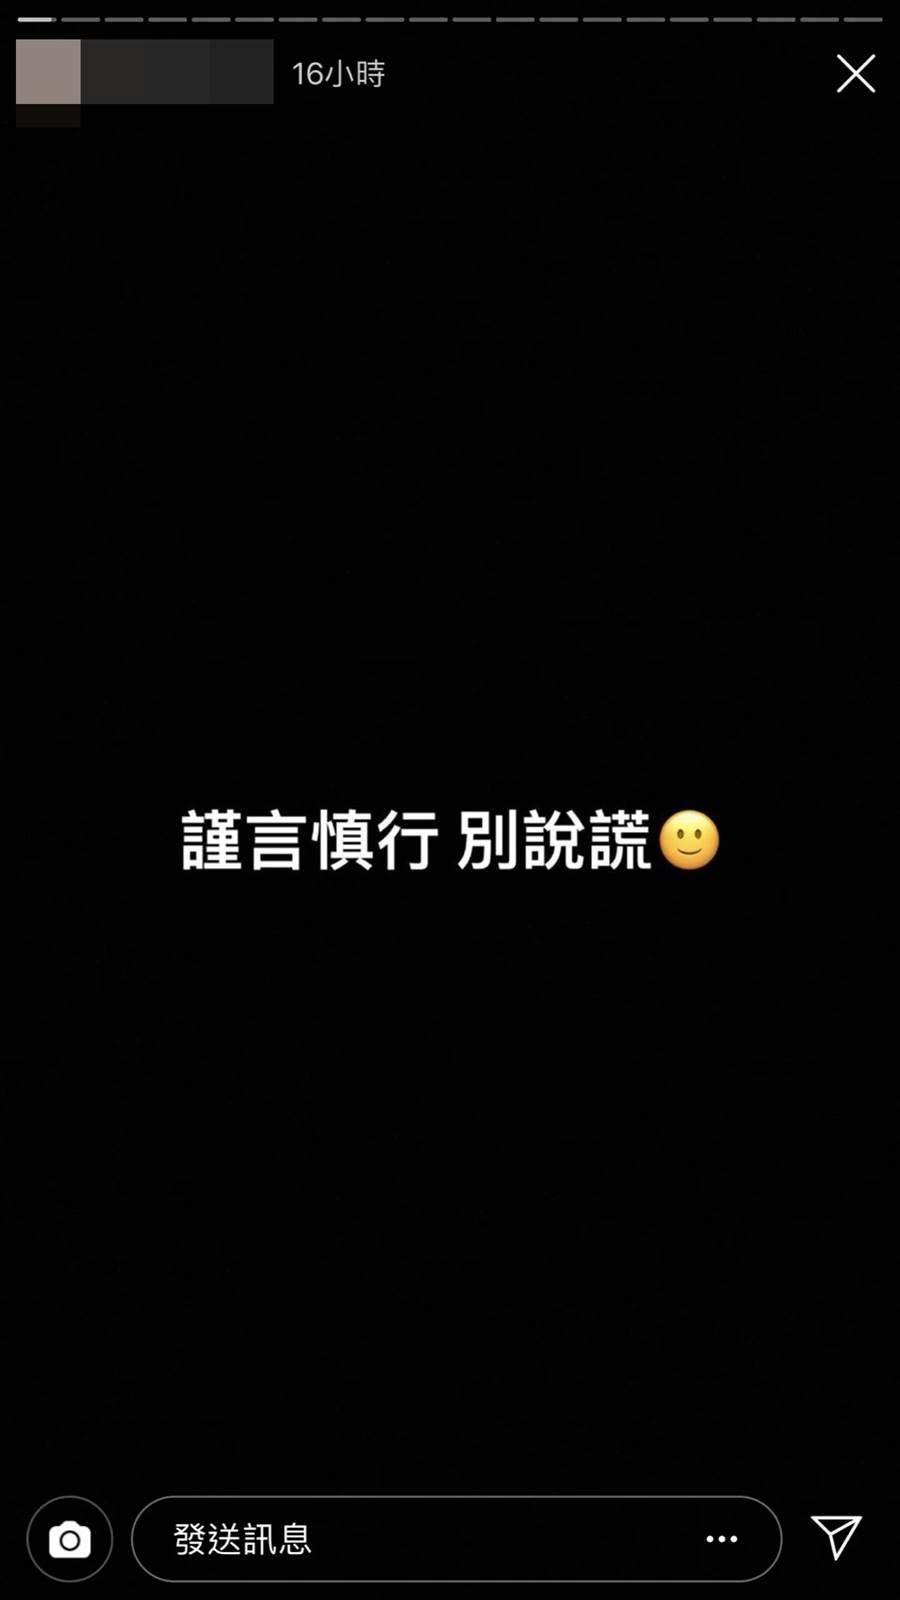 孫安佐的女友「阿乃」在IG上疑似暗酸米砂,雖然她的發文未指名道姓,但時機敏感,仍引起外界諸多猜測。(摘自IG)